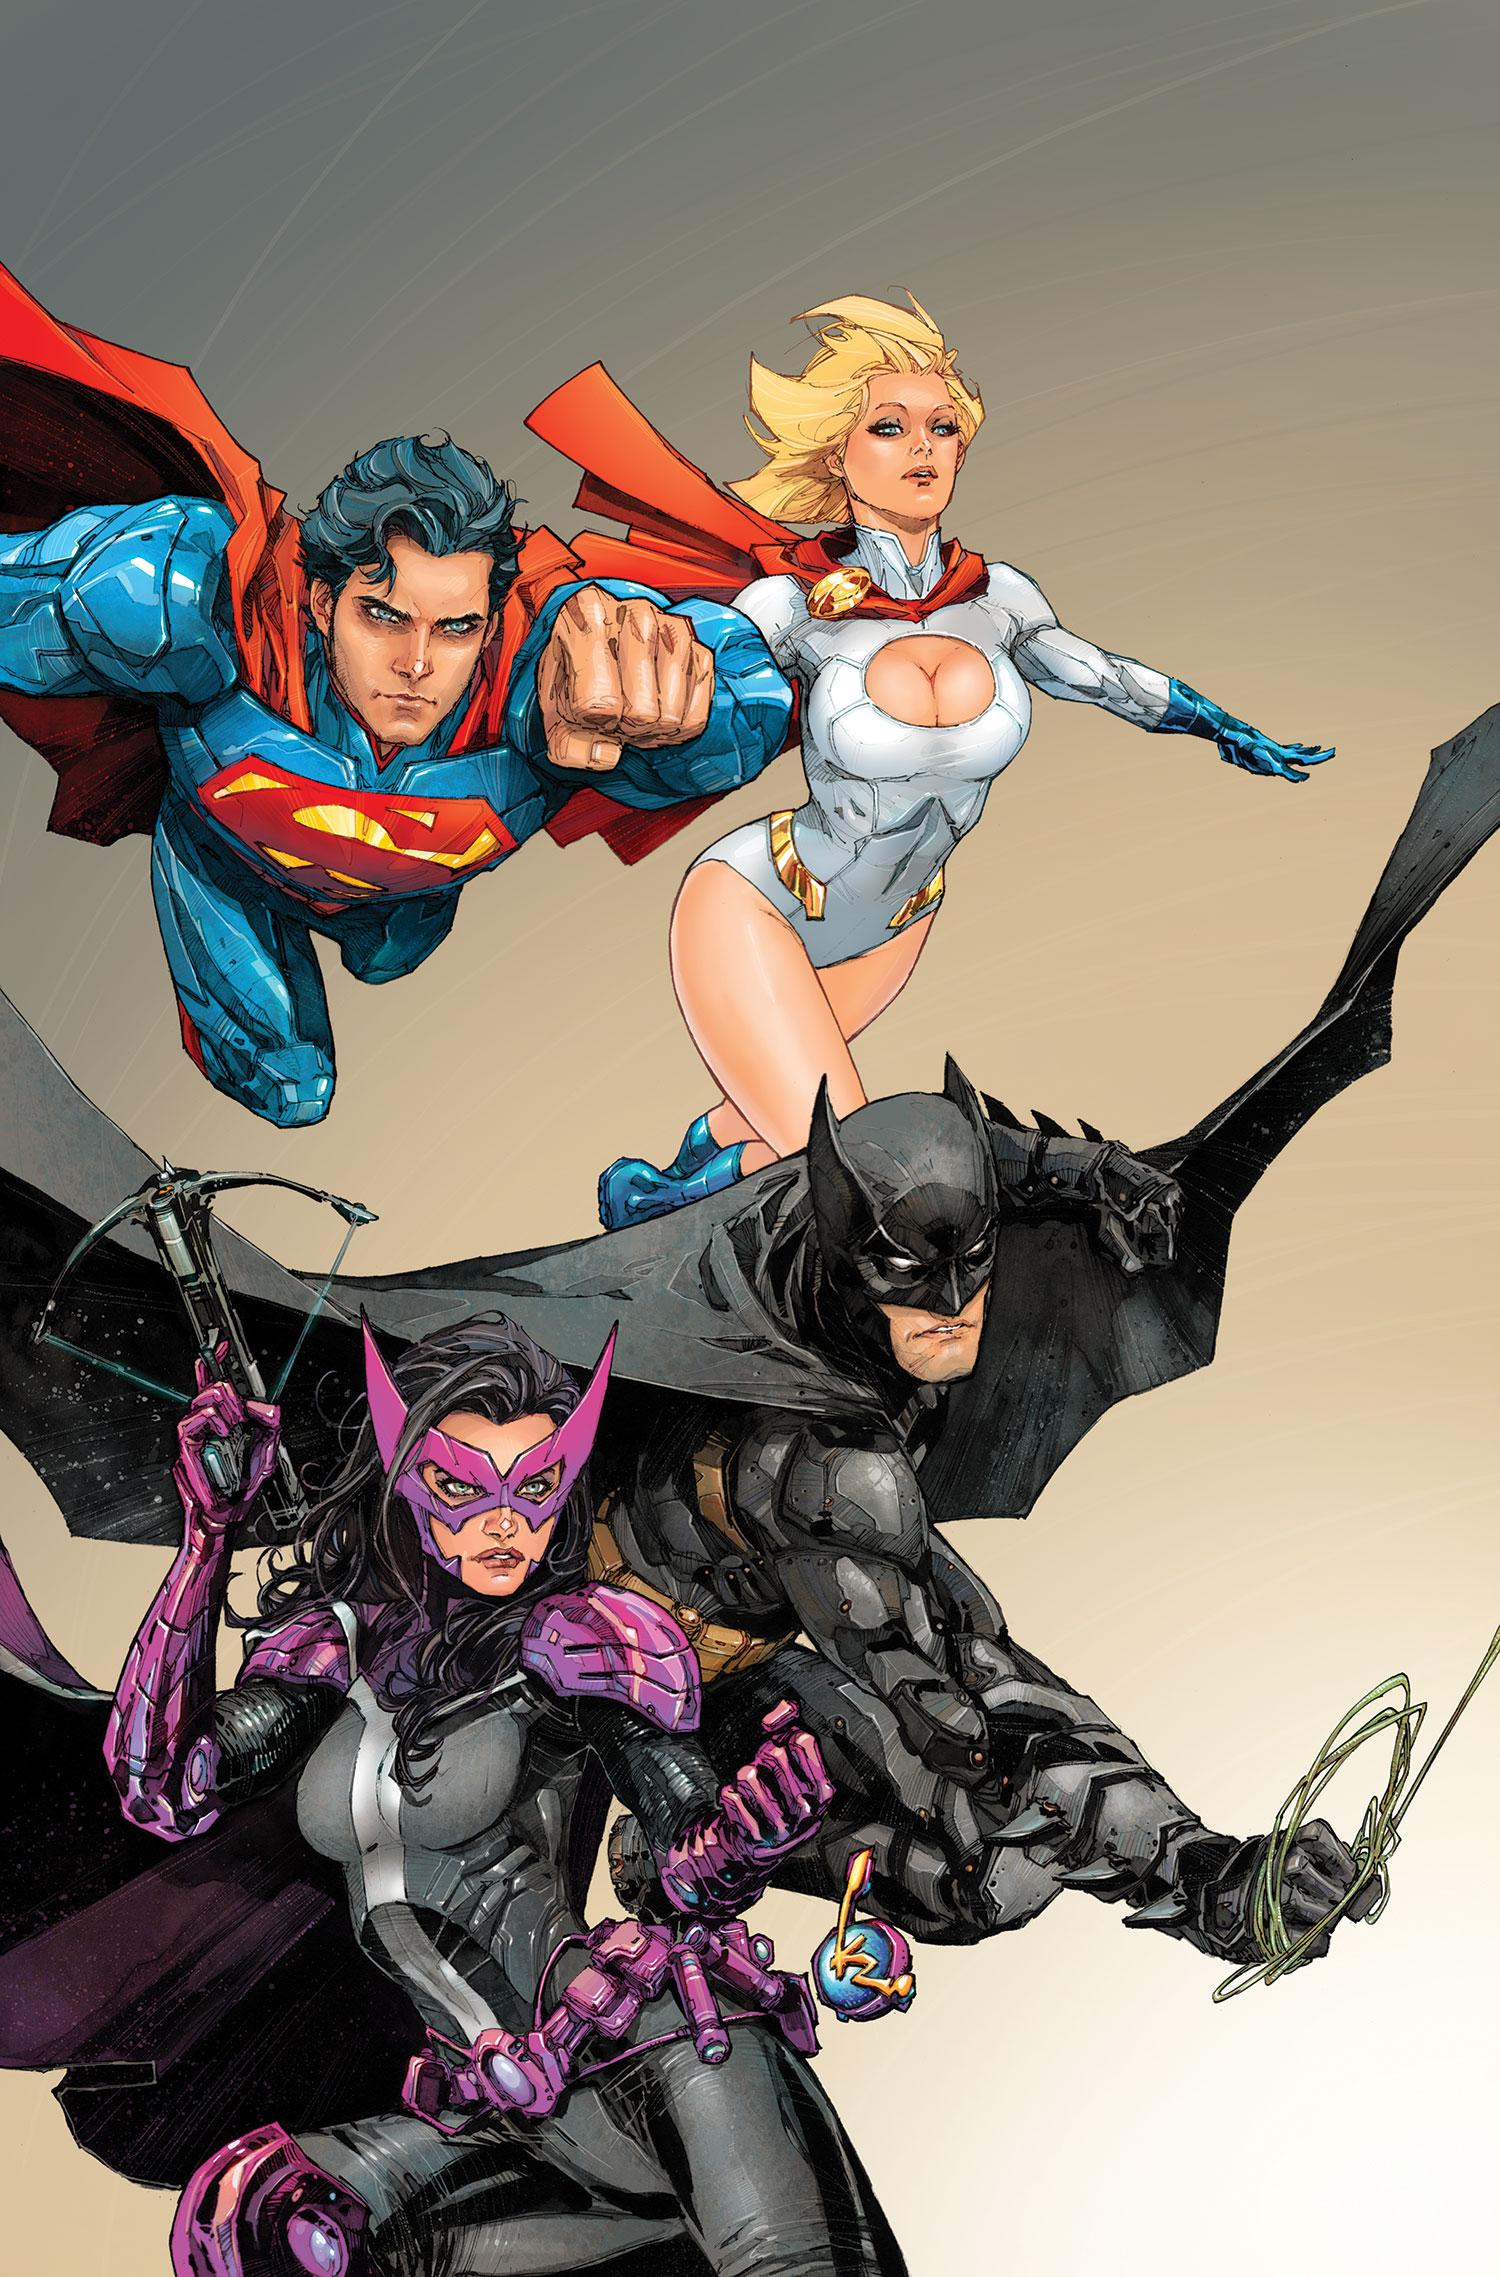 Batman Superman Vol 1 8 Solicit.jpg